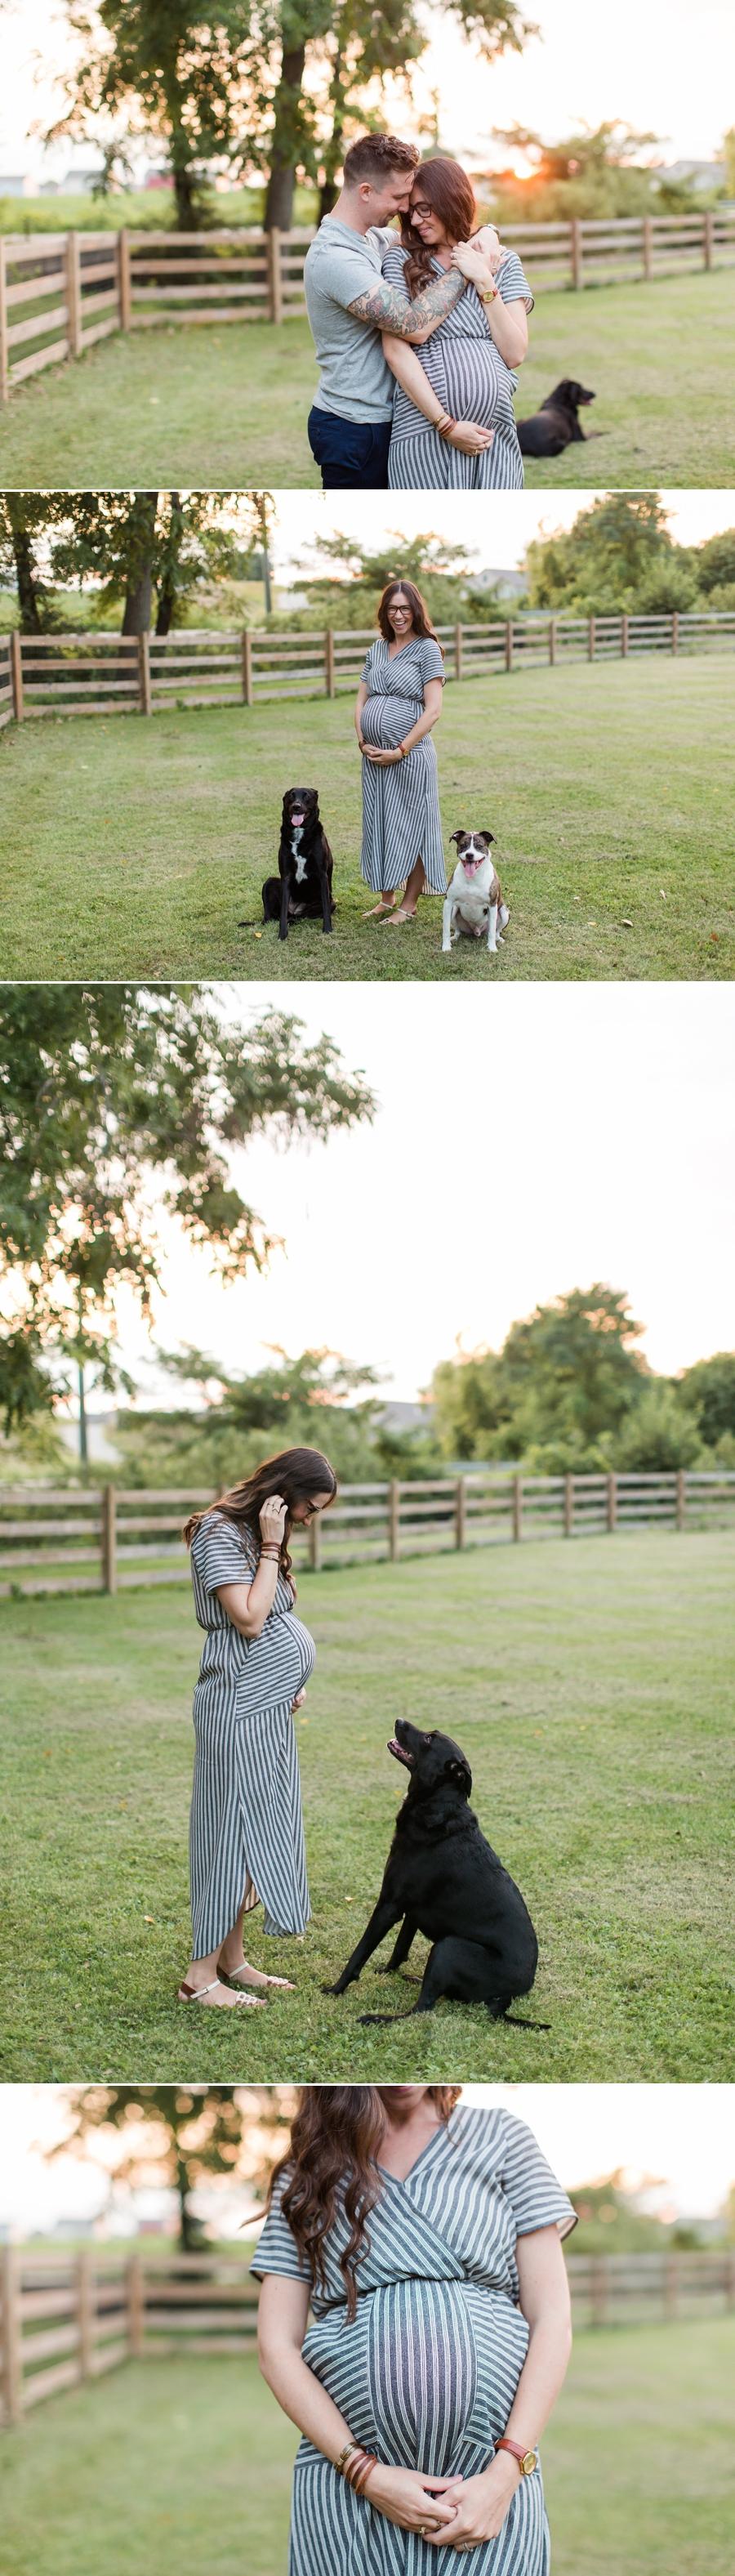 OurMaternityPhotos 10.jpg